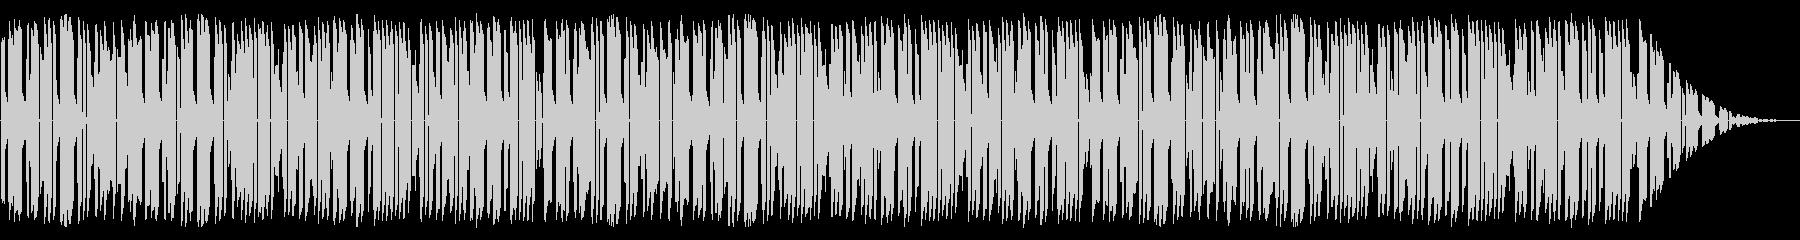 NES 汎用 C02-1(ステージ1) の未再生の波形